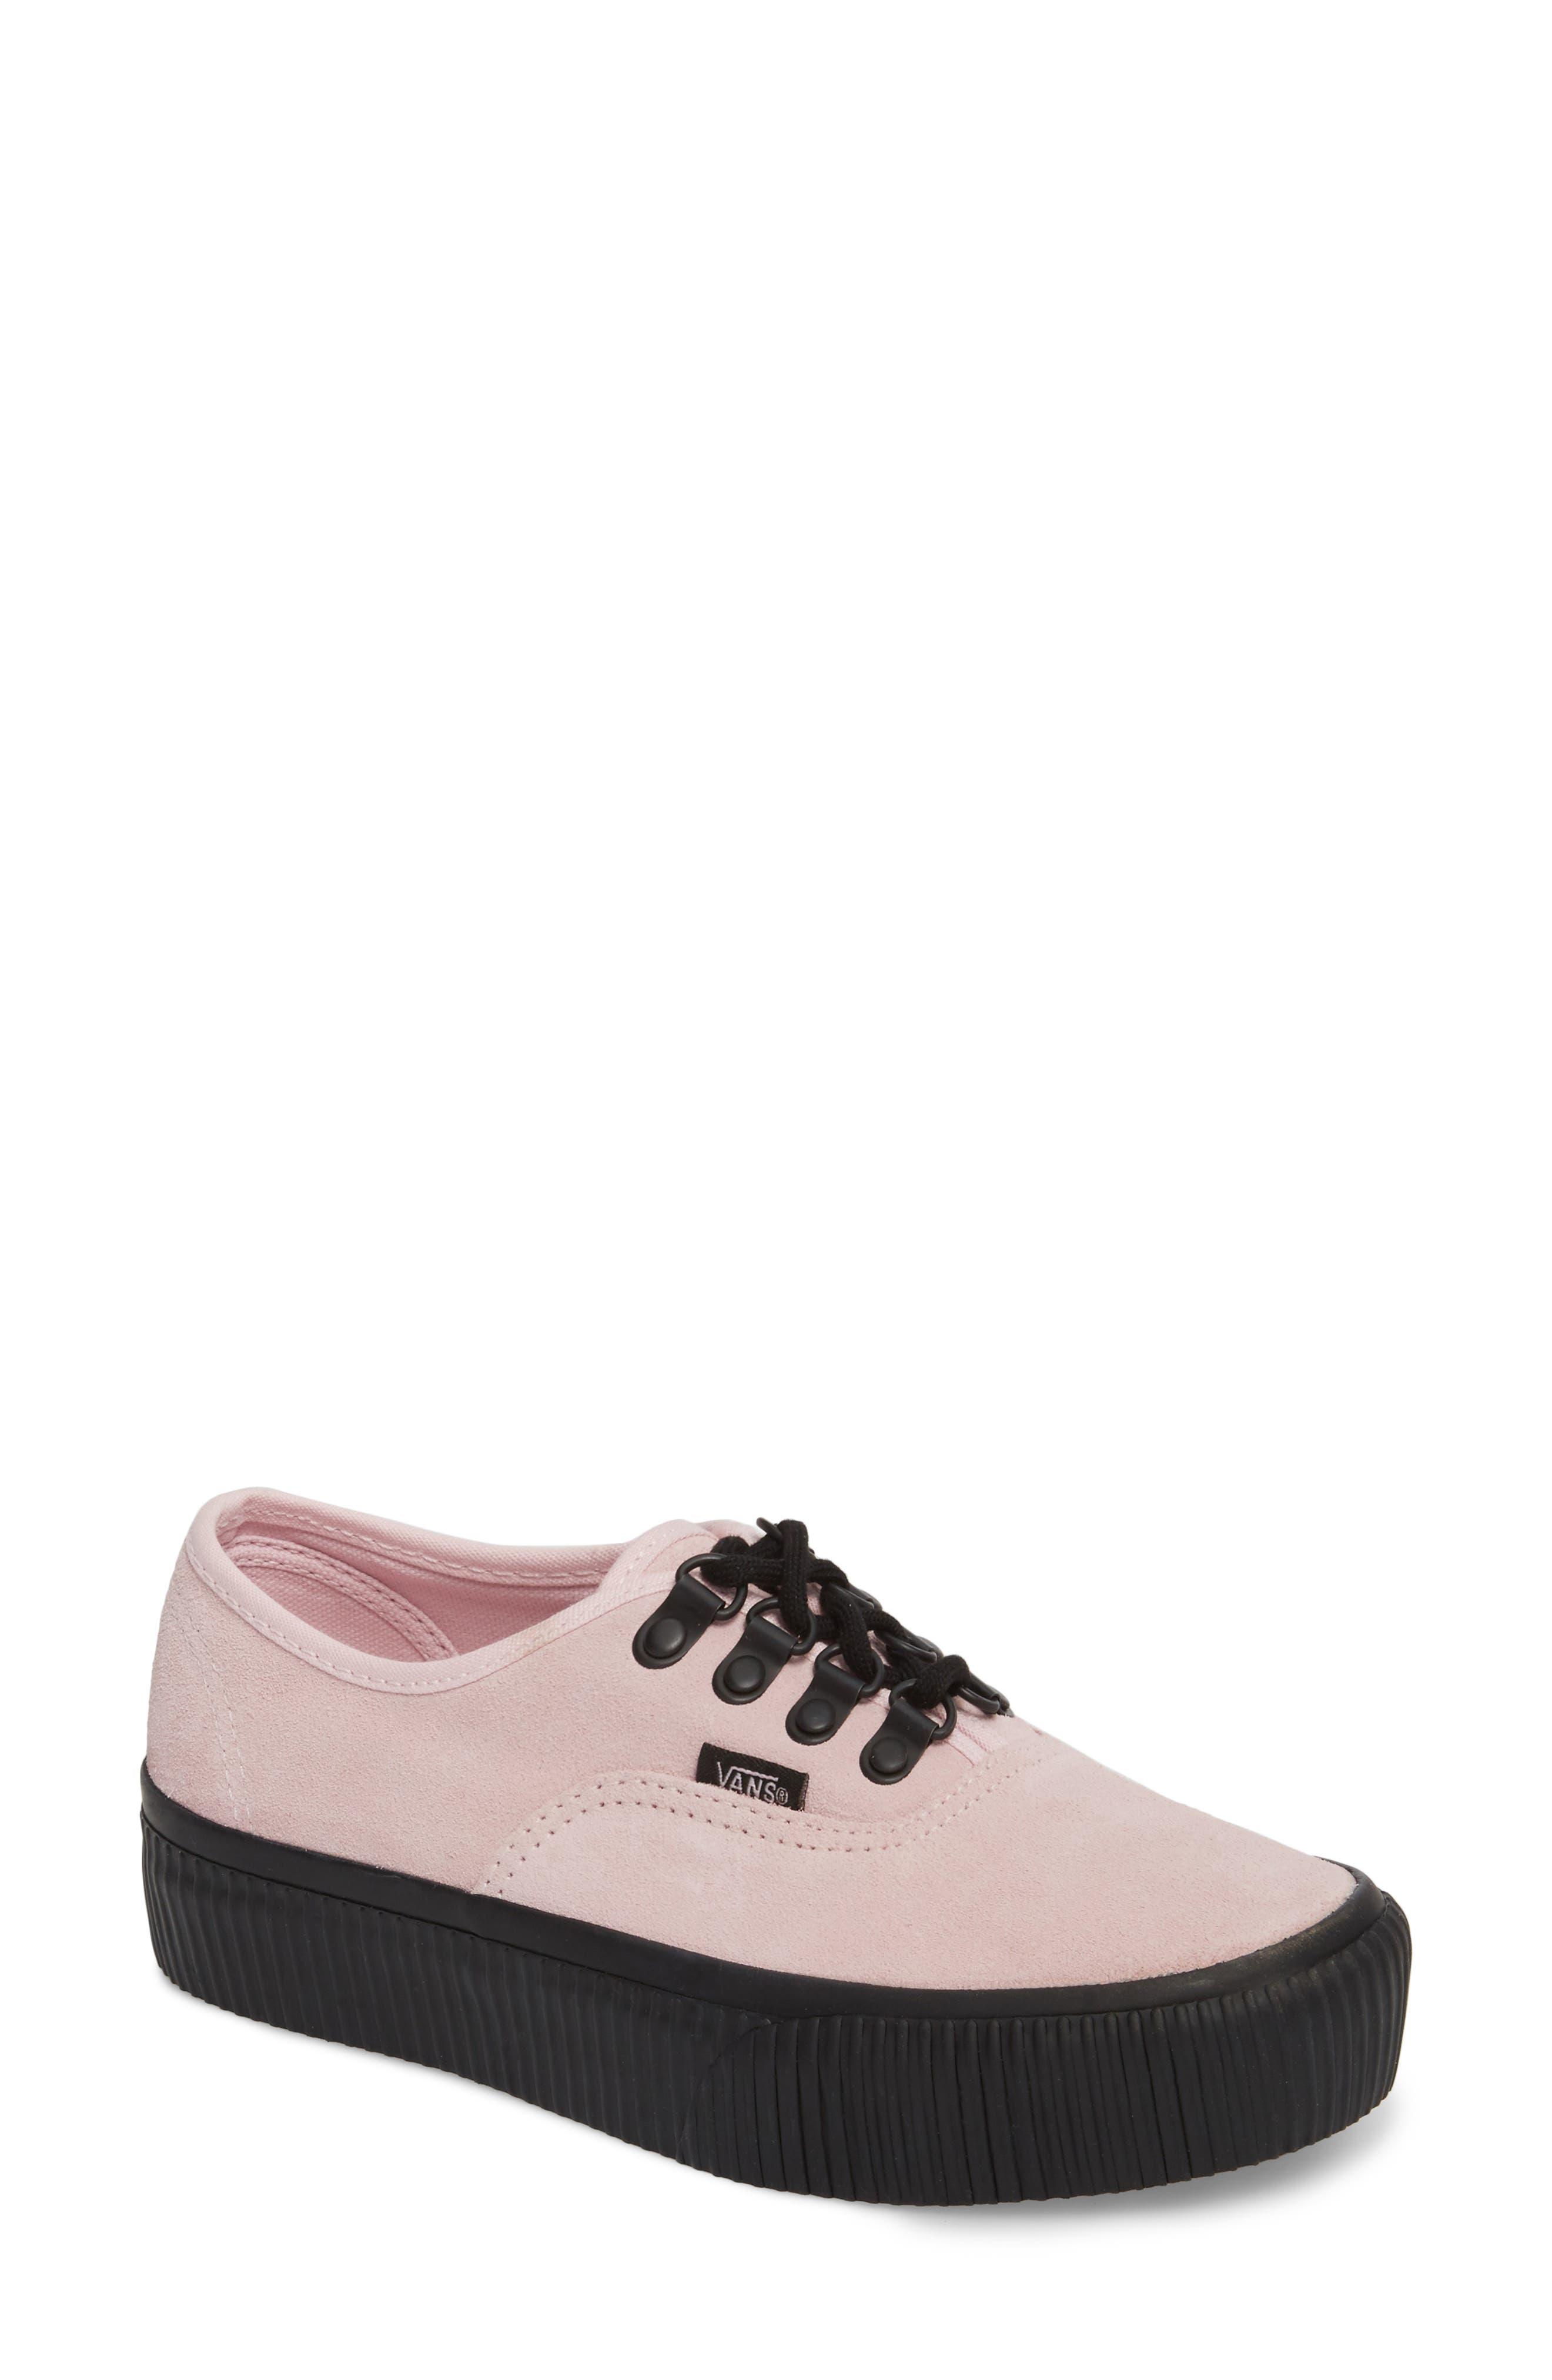 Main Image - Vans 'Authentic' Platform Sneaker (Women)